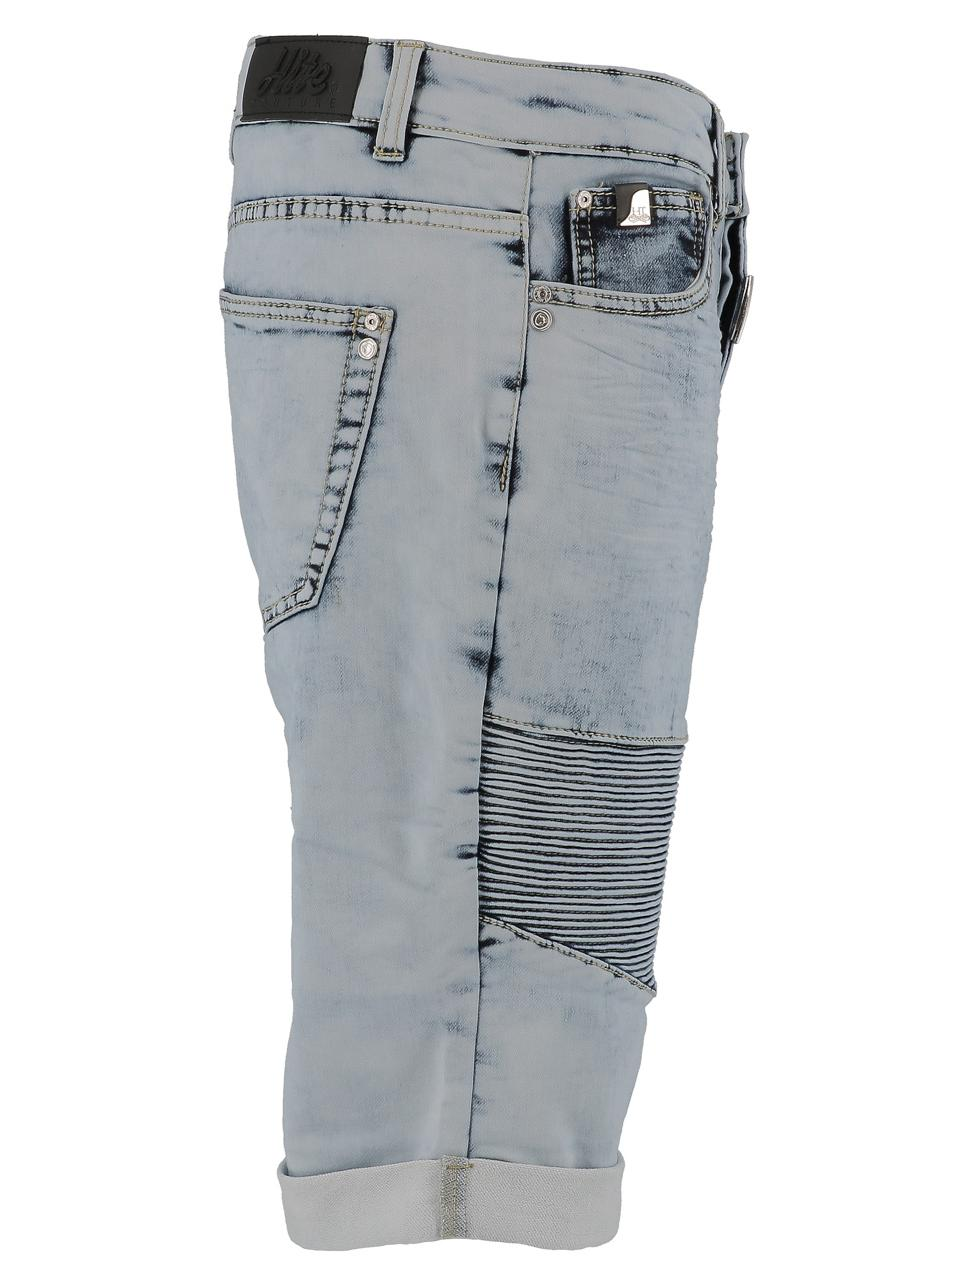 Bermuda-Shorts-Hite-Couture-Spill-Denim-Blue-Bermuda-Blue-11588-New